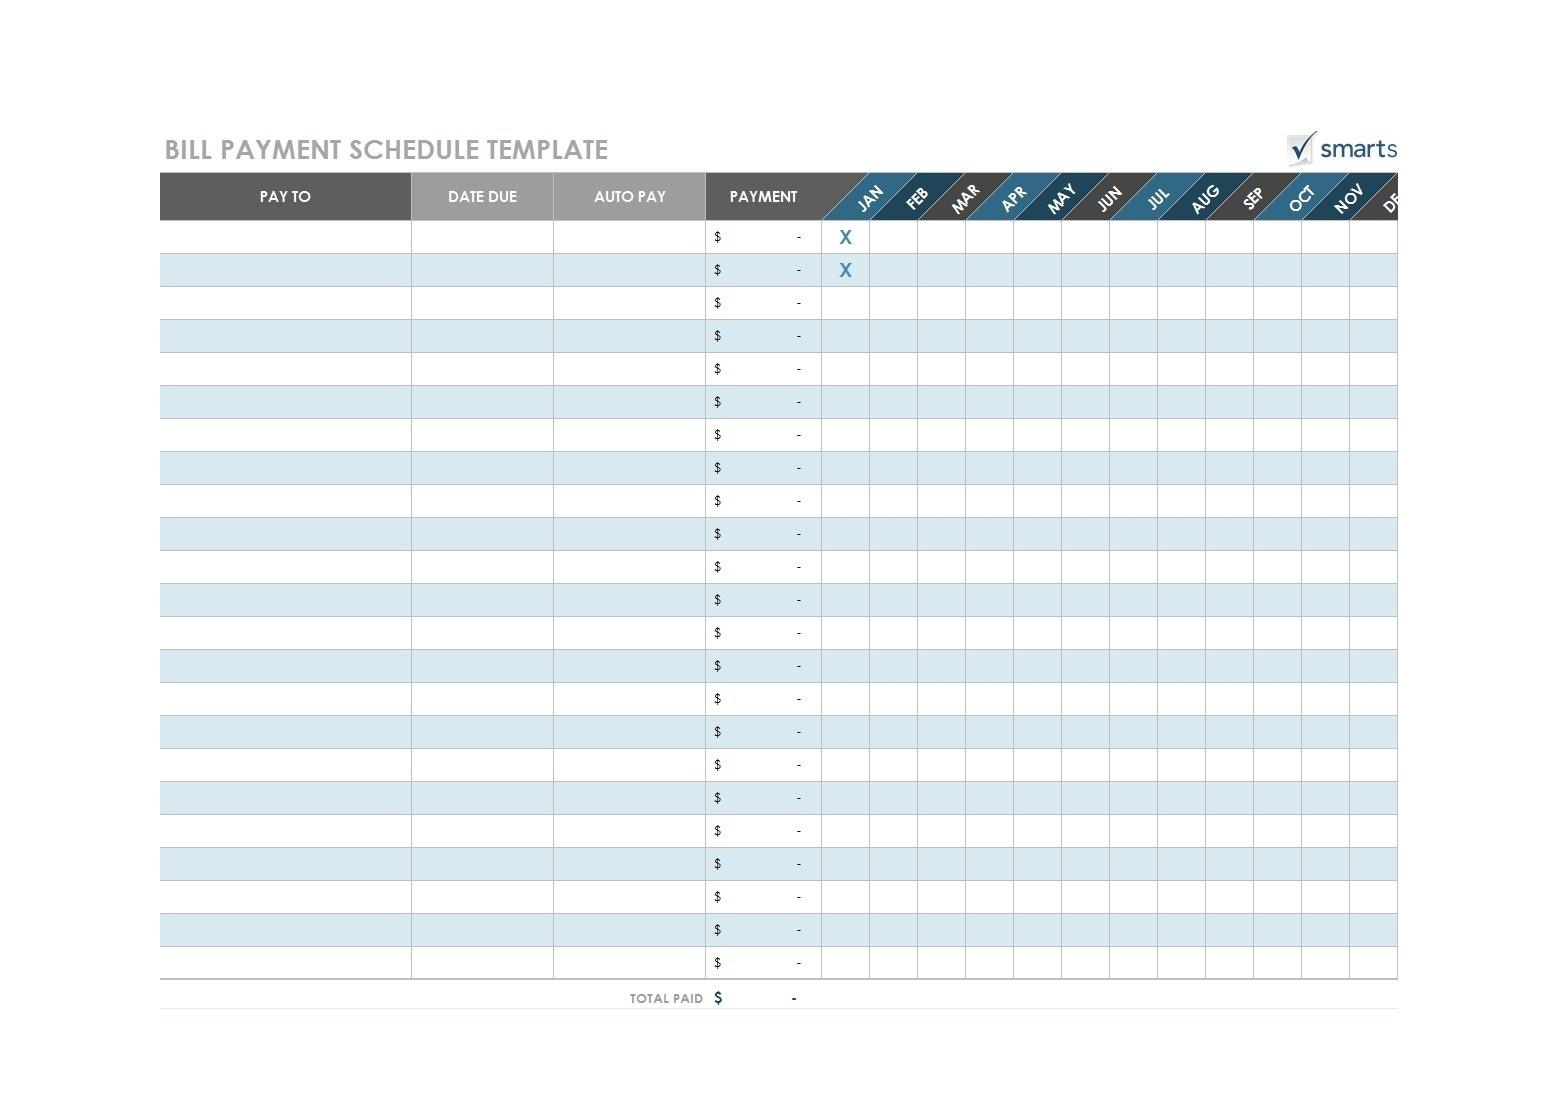 Free Printable Bill Payment Template - Calendar  Bill Payment Calendar Pdf